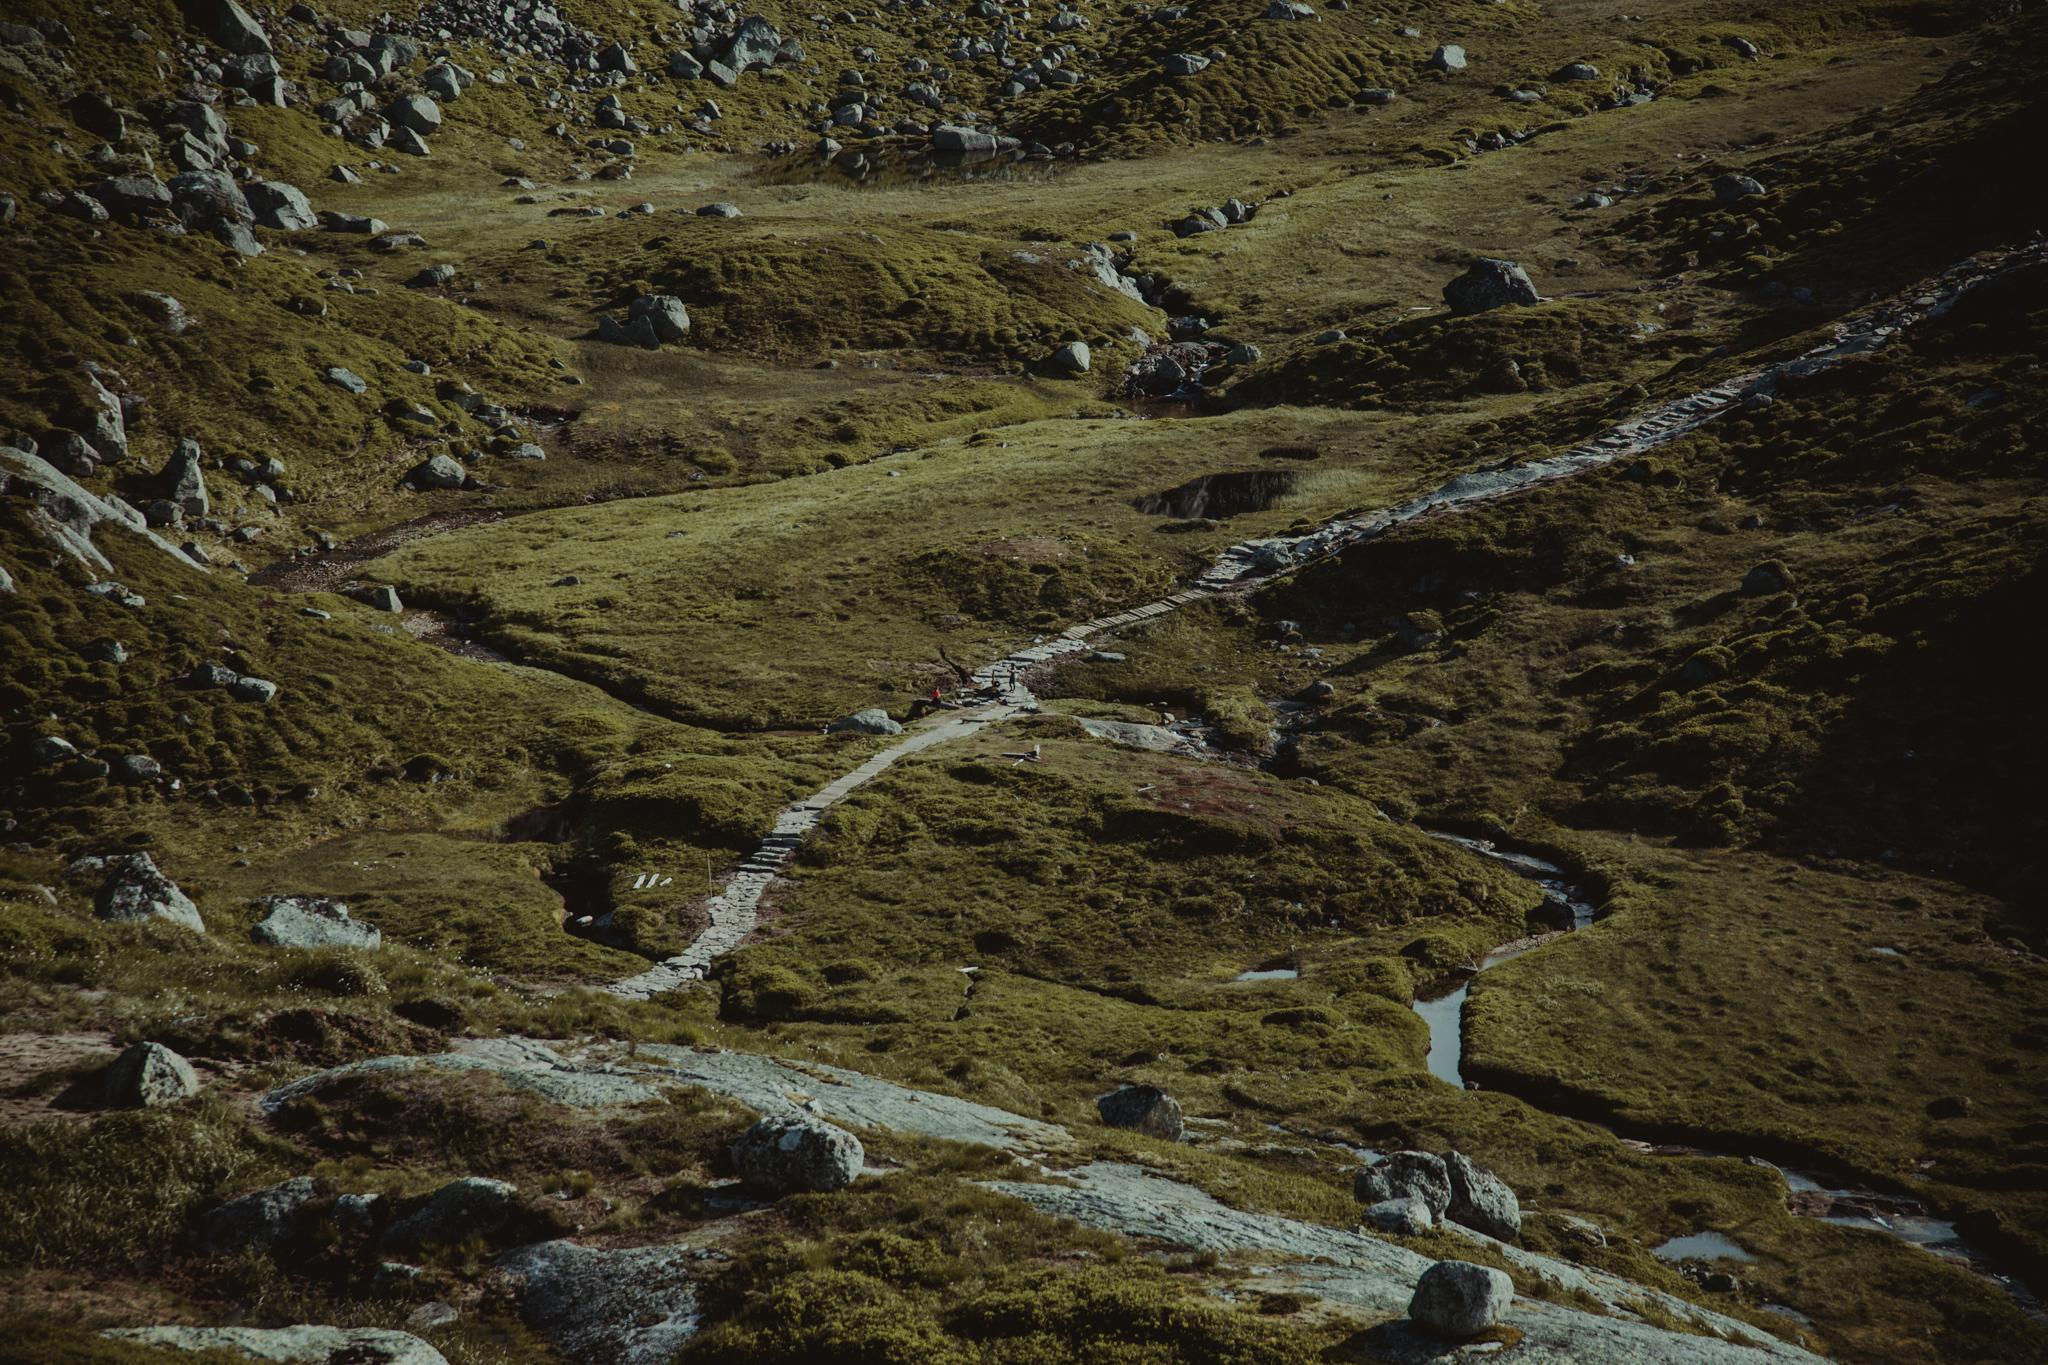 norwegia-kjerag-szlak-atrakcje-norwegii